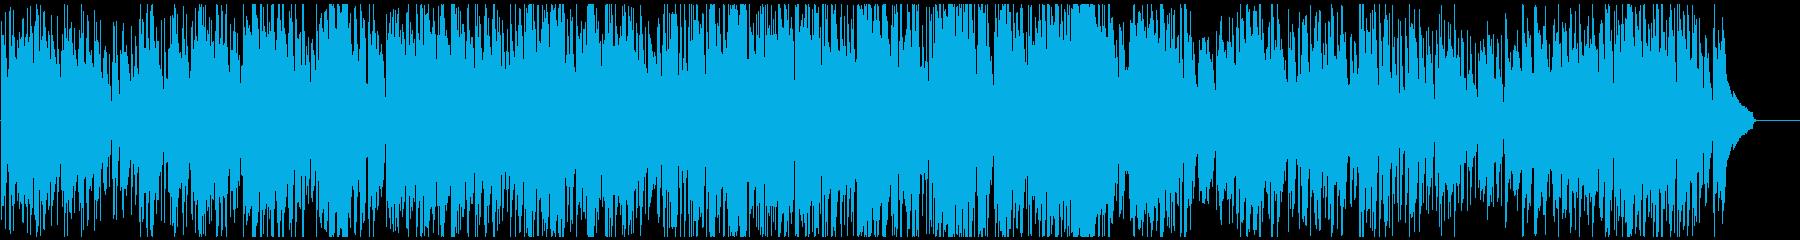 ゆるい優しいジャズ バリトンSax生演奏の再生済みの波形